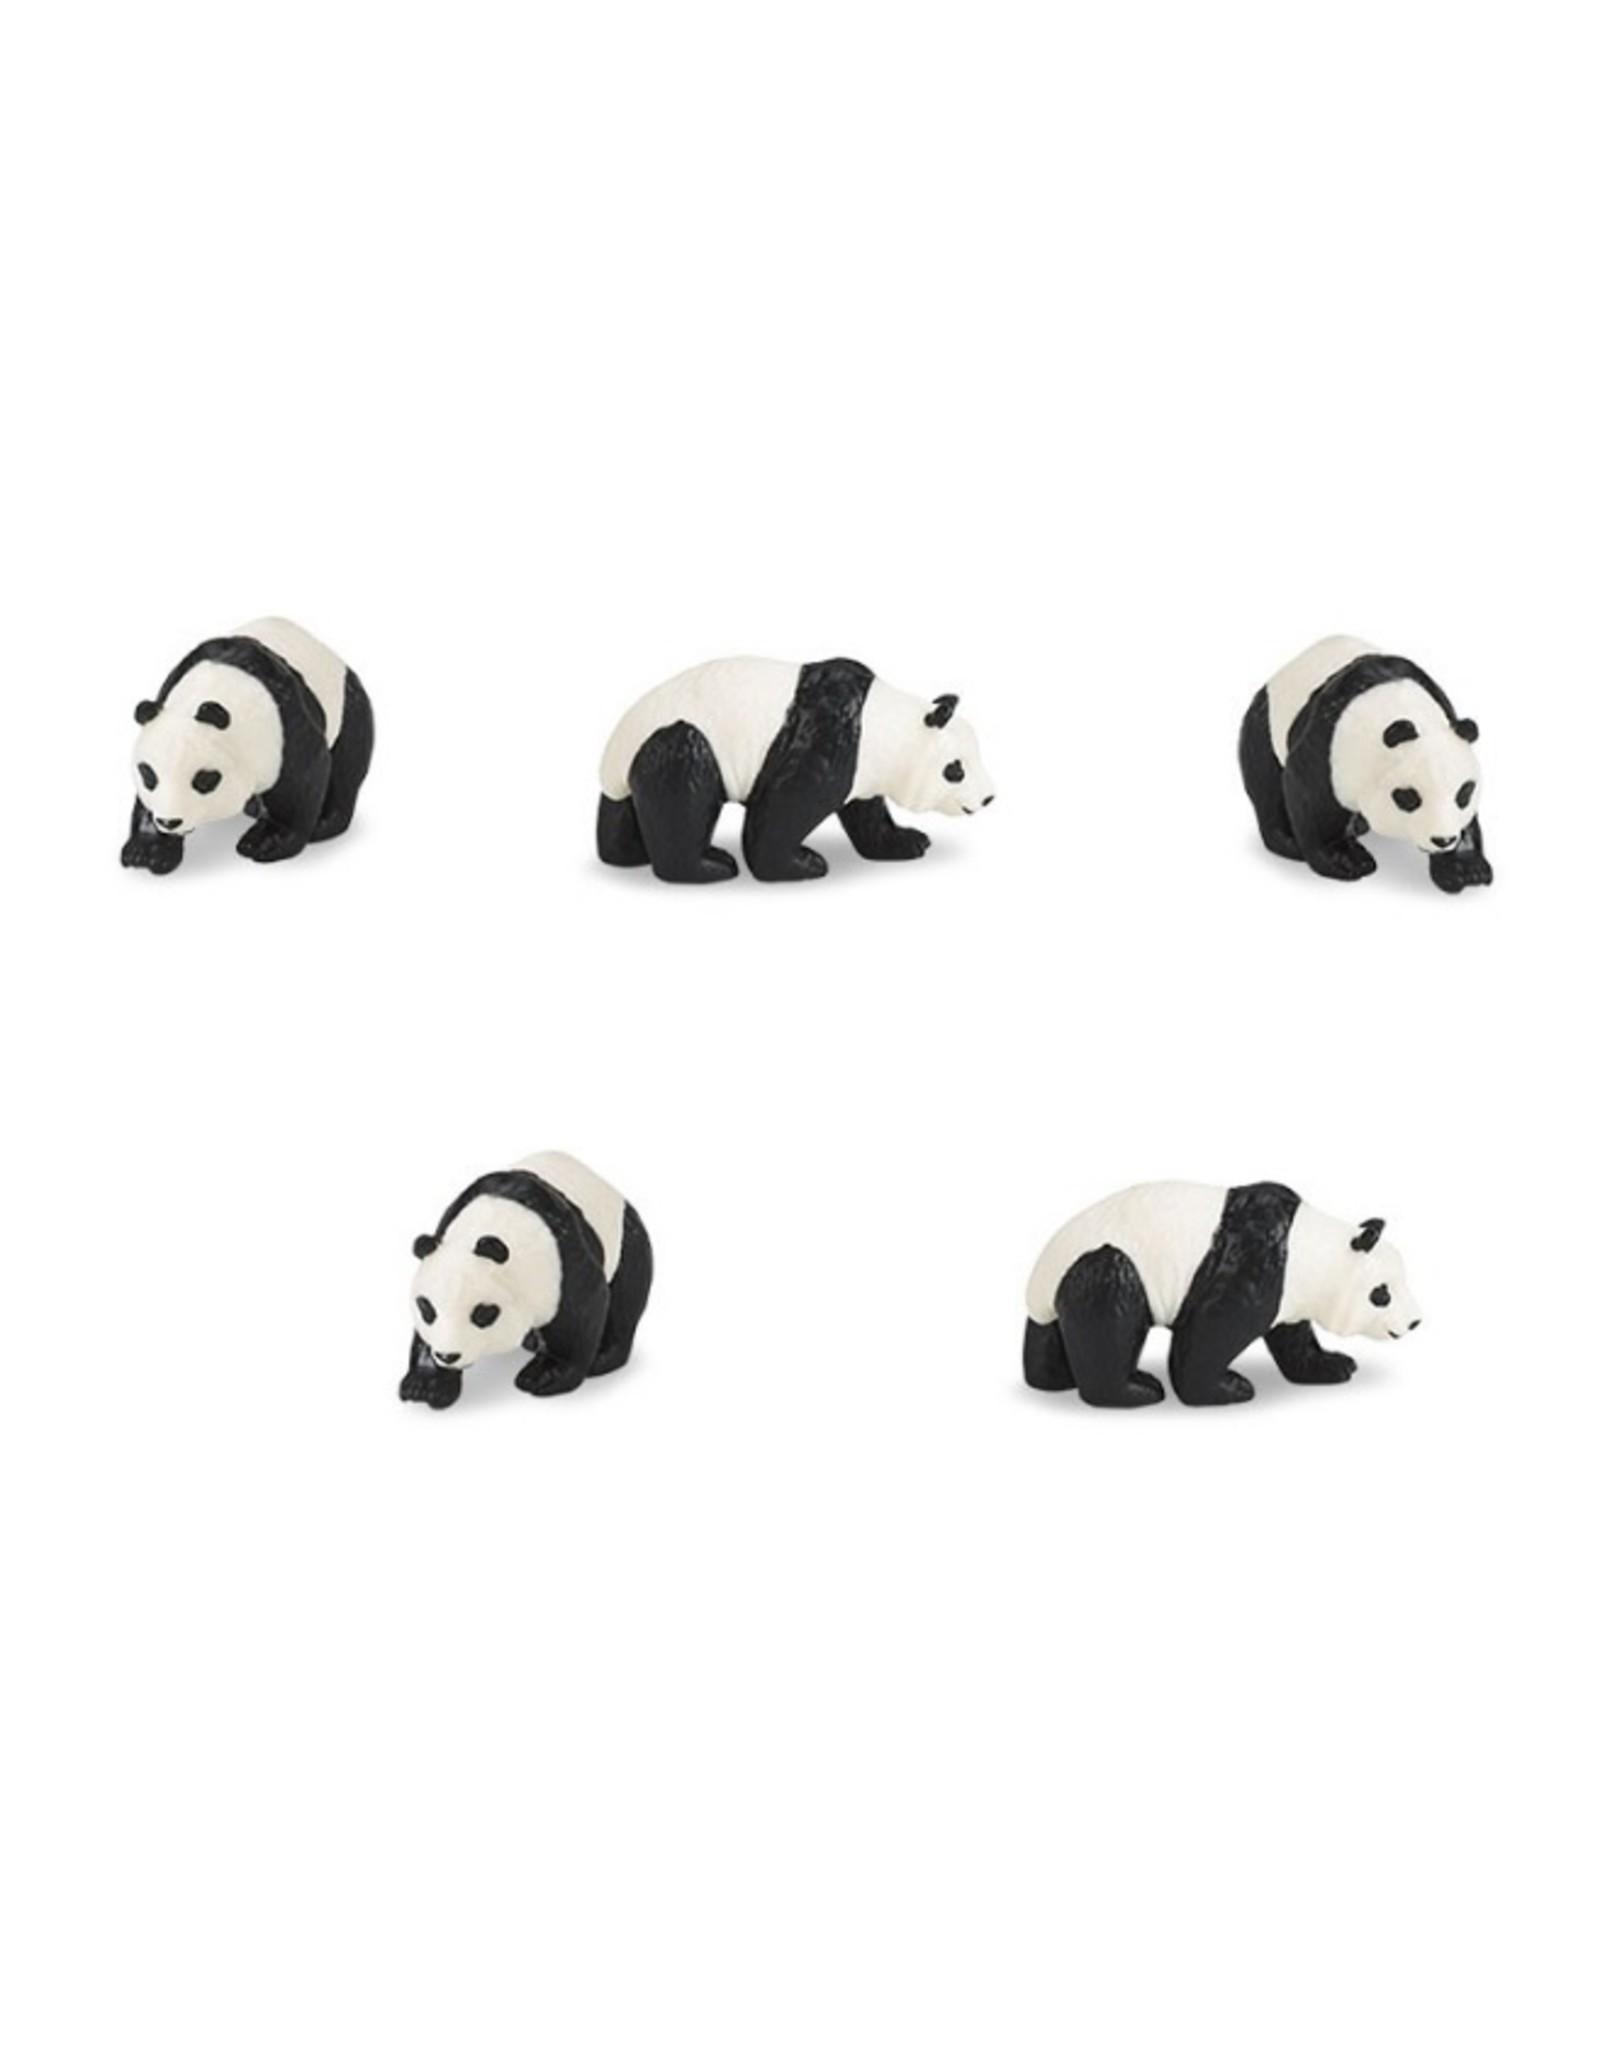 Goodluck mini - panda